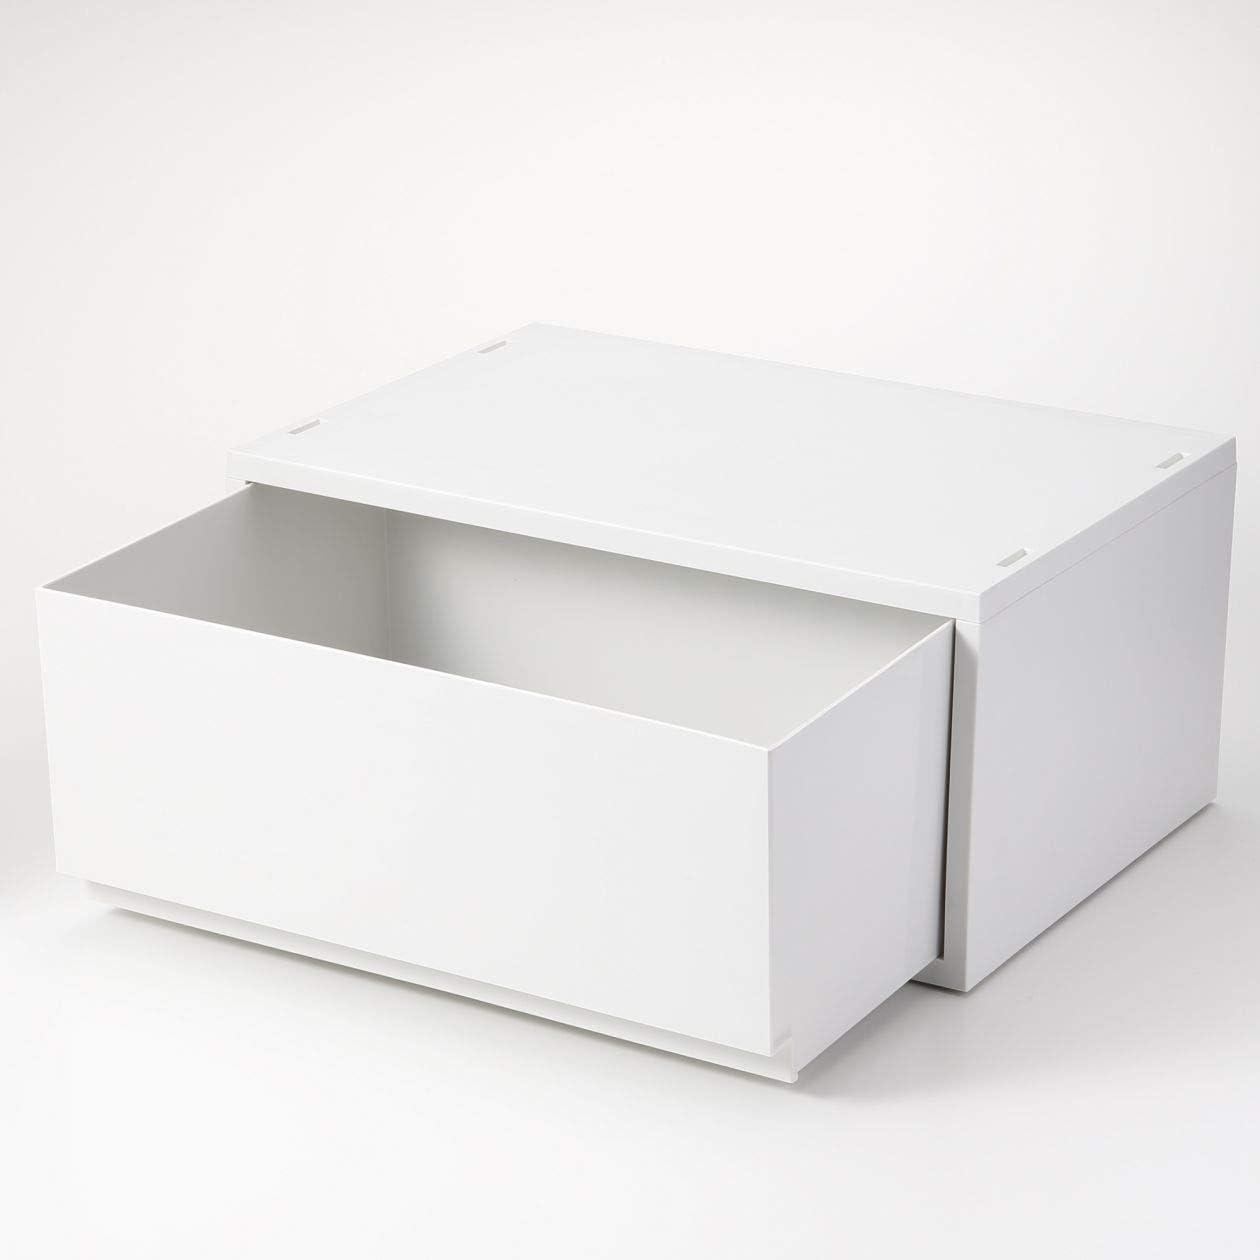 無印良品 ポリプロピレンケース・引出式・横ワイド・深型・ホワイトグレー